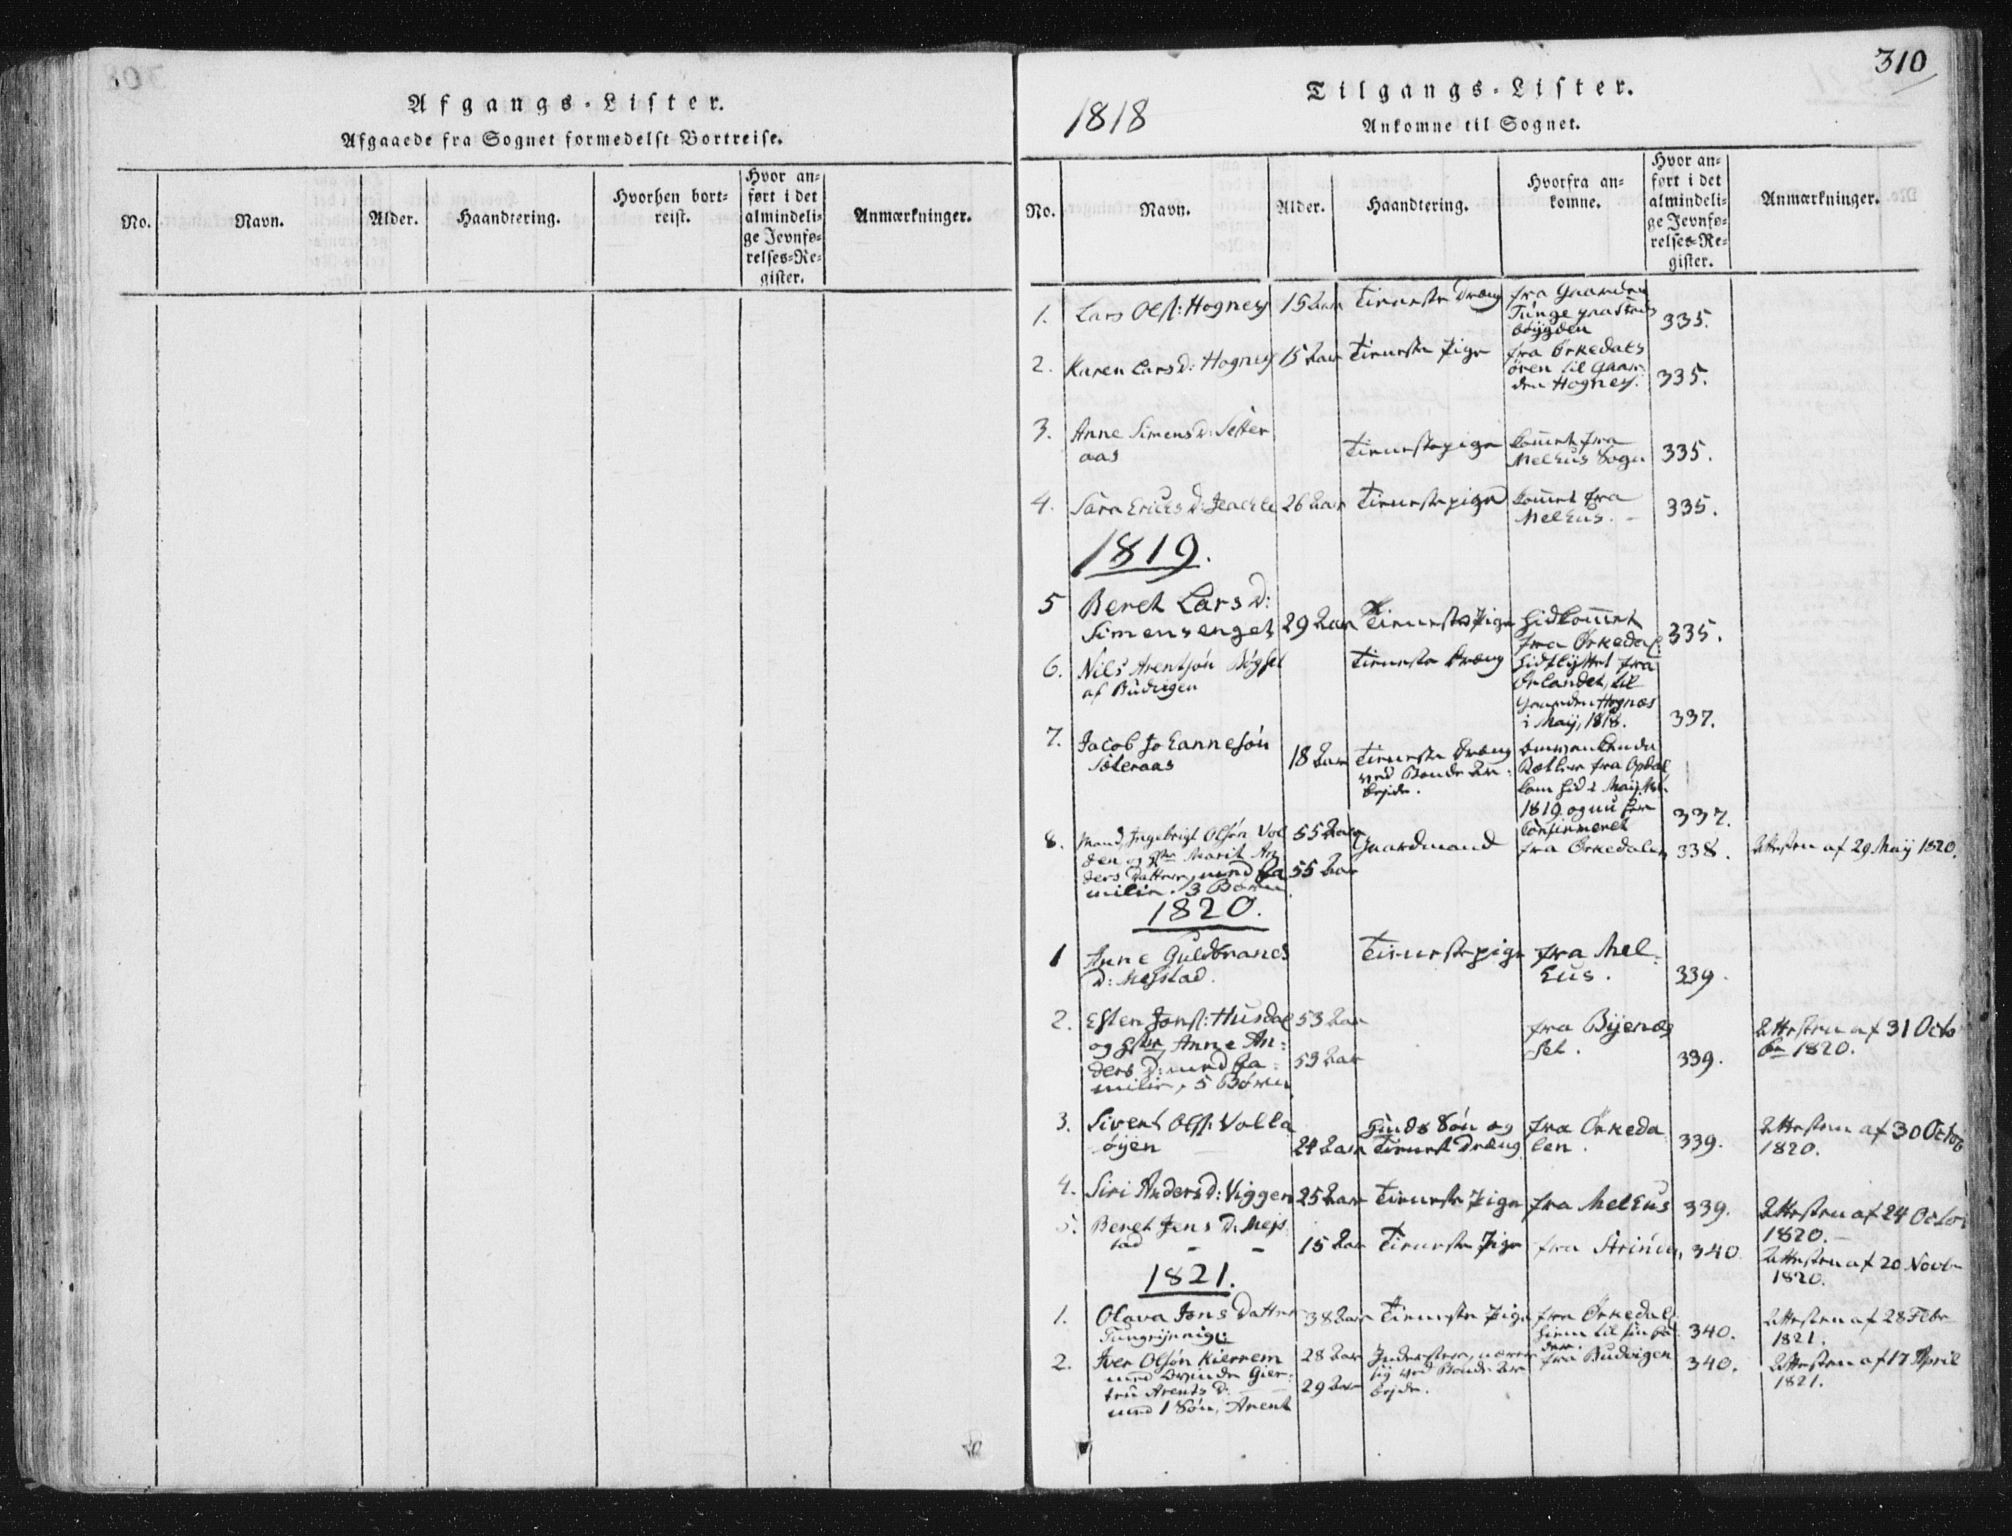 SAT, Ministerialprotokoller, klokkerbøker og fødselsregistre - Sør-Trøndelag, 665/L0770: Ministerialbok nr. 665A05, 1817-1829, s. 310